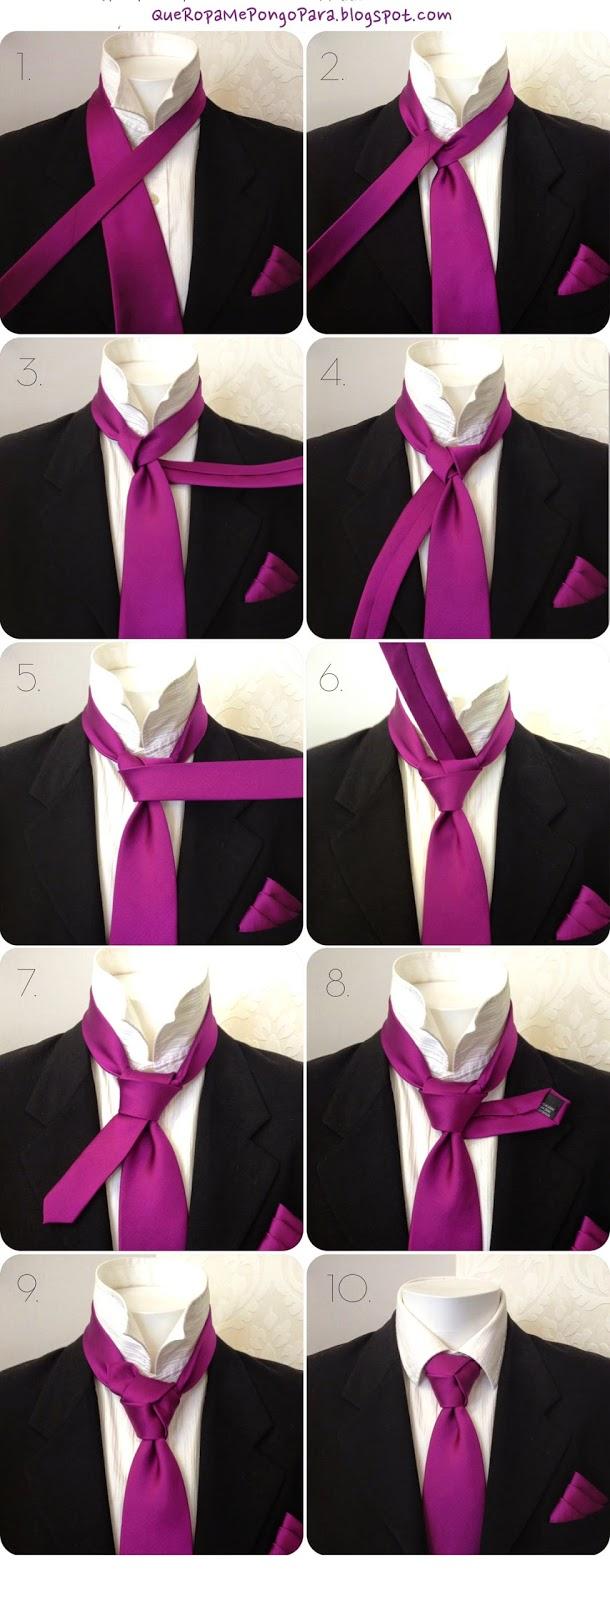 outfits de moda Nudo de corbata Trinity - Tie the knot trinity - TREBOL - Nudos de corbata innovadores y juveniles